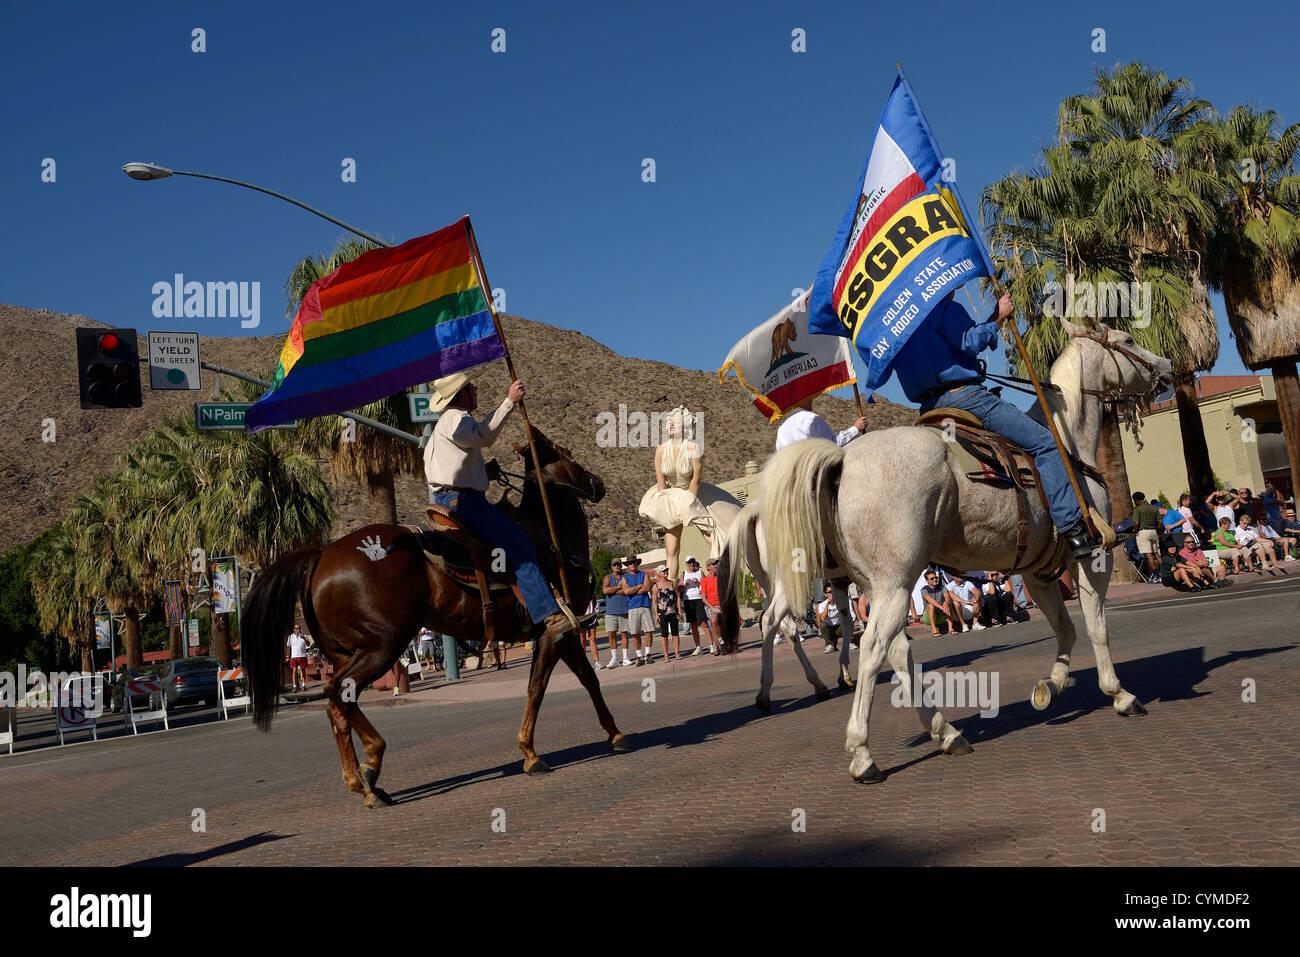 gay pride palm springs ca 2008